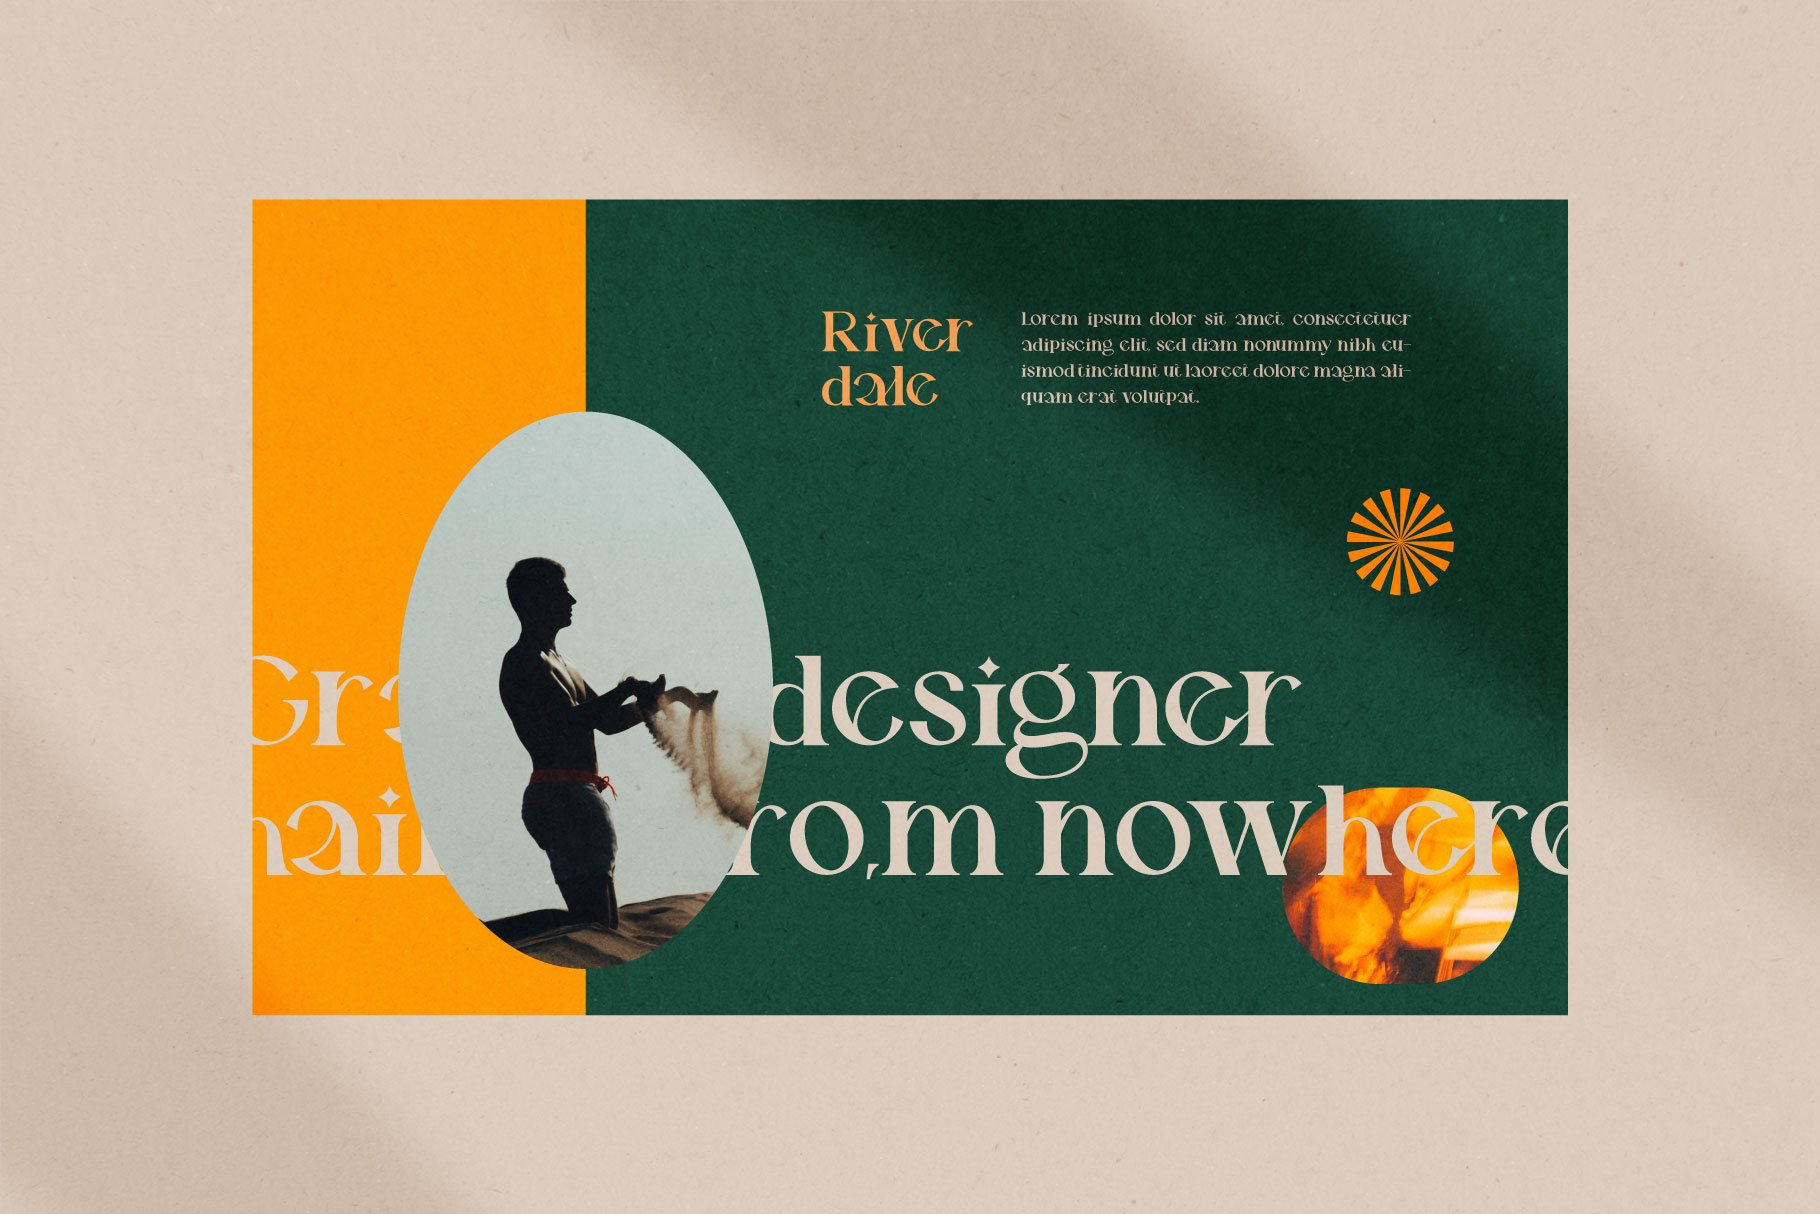 时尚优雅品牌Logo海报标题设计衬线英文字体素材 Riverdale Serif Font插图2